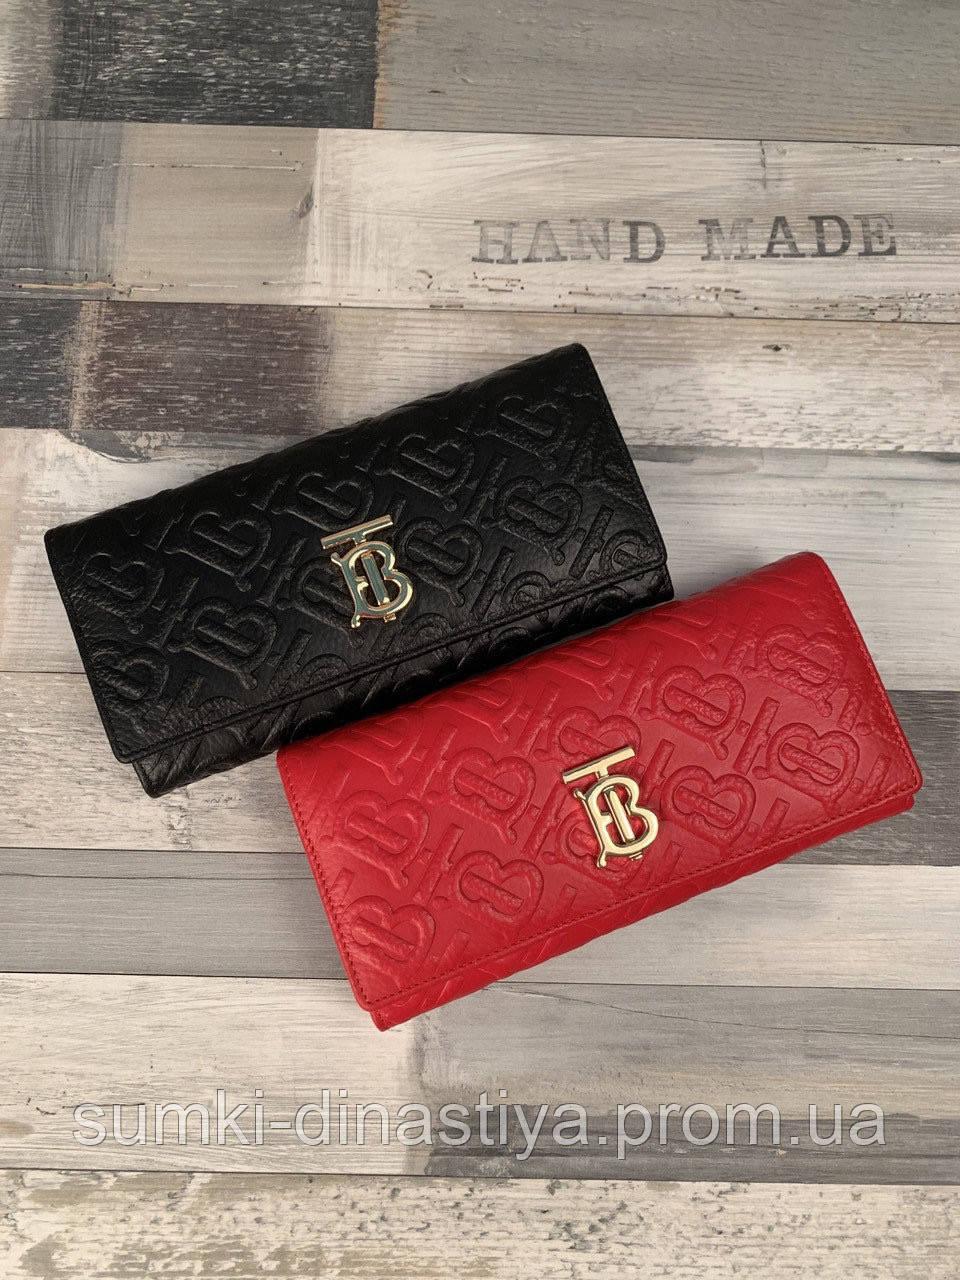 Burberry кошелек кожаный женский 3995